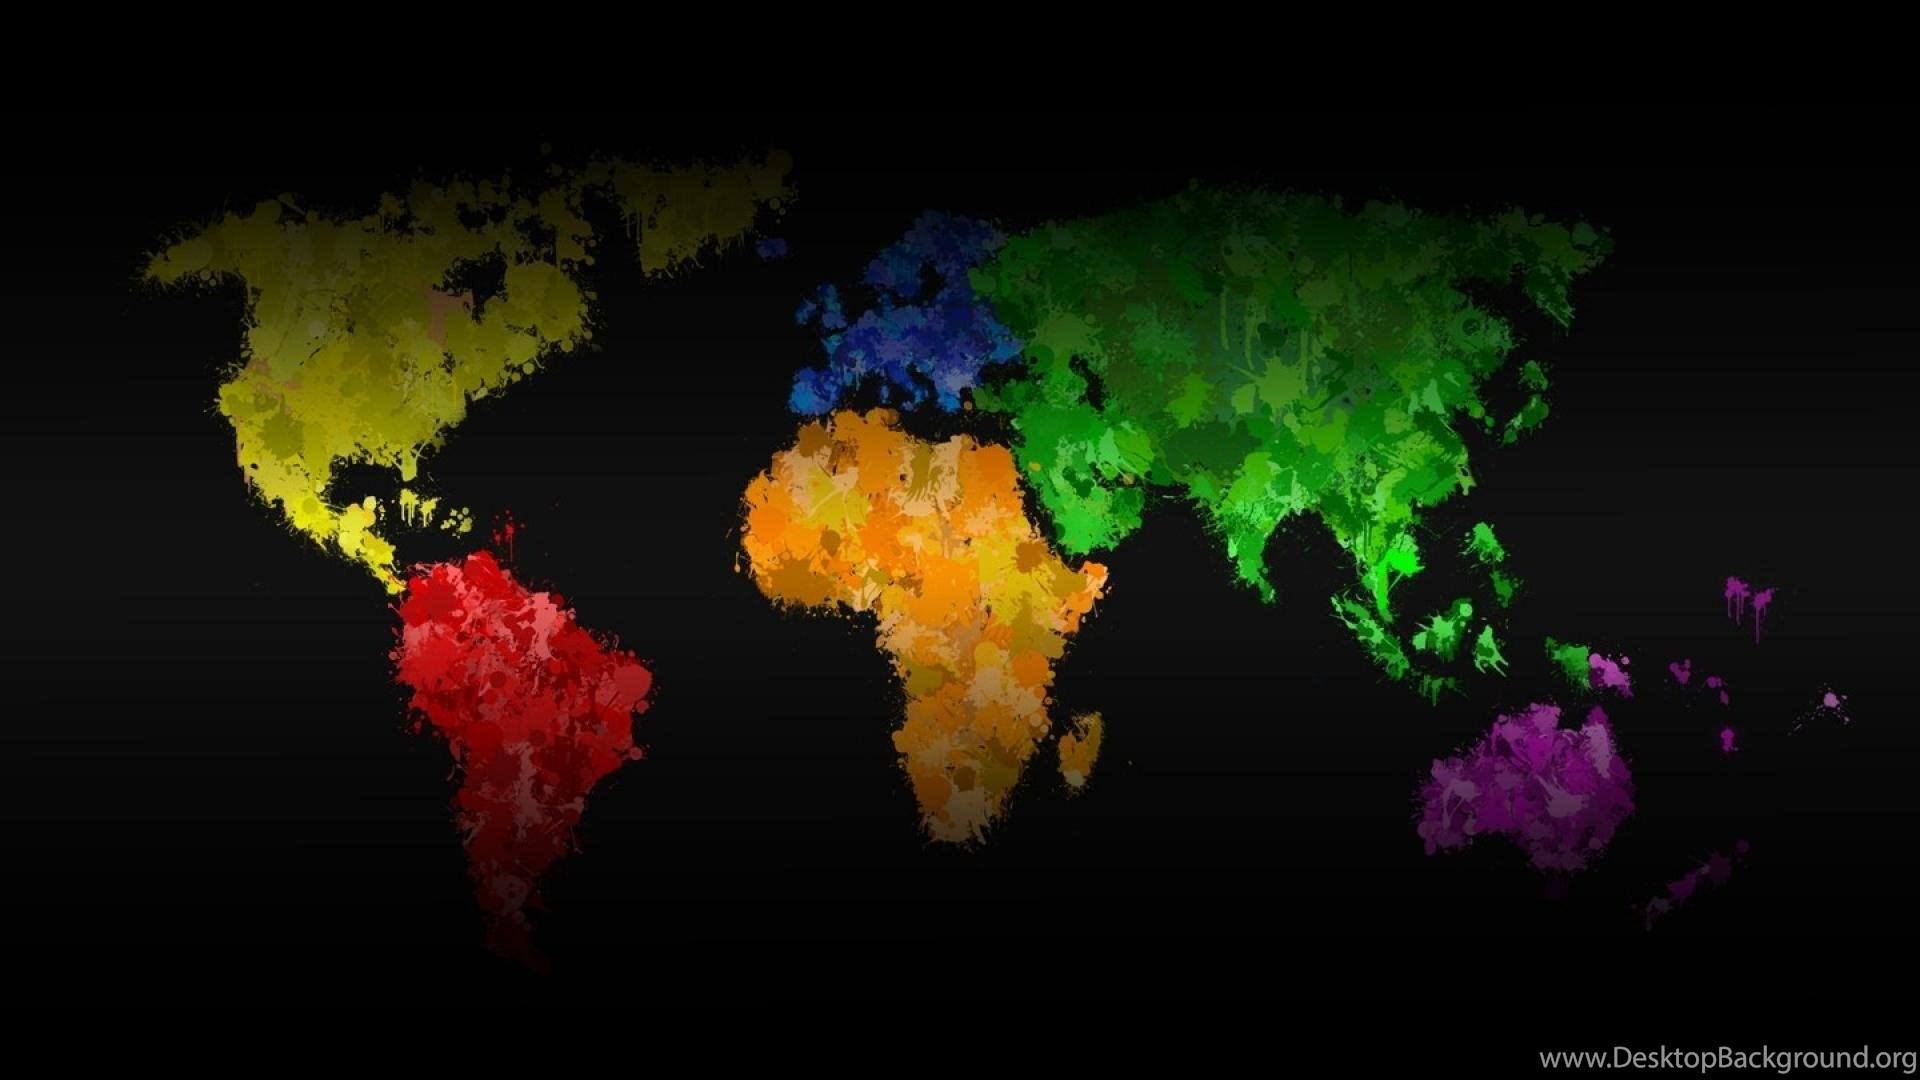 Multicolor digital art world map wallpapers desktop background popular gumiabroncs Images